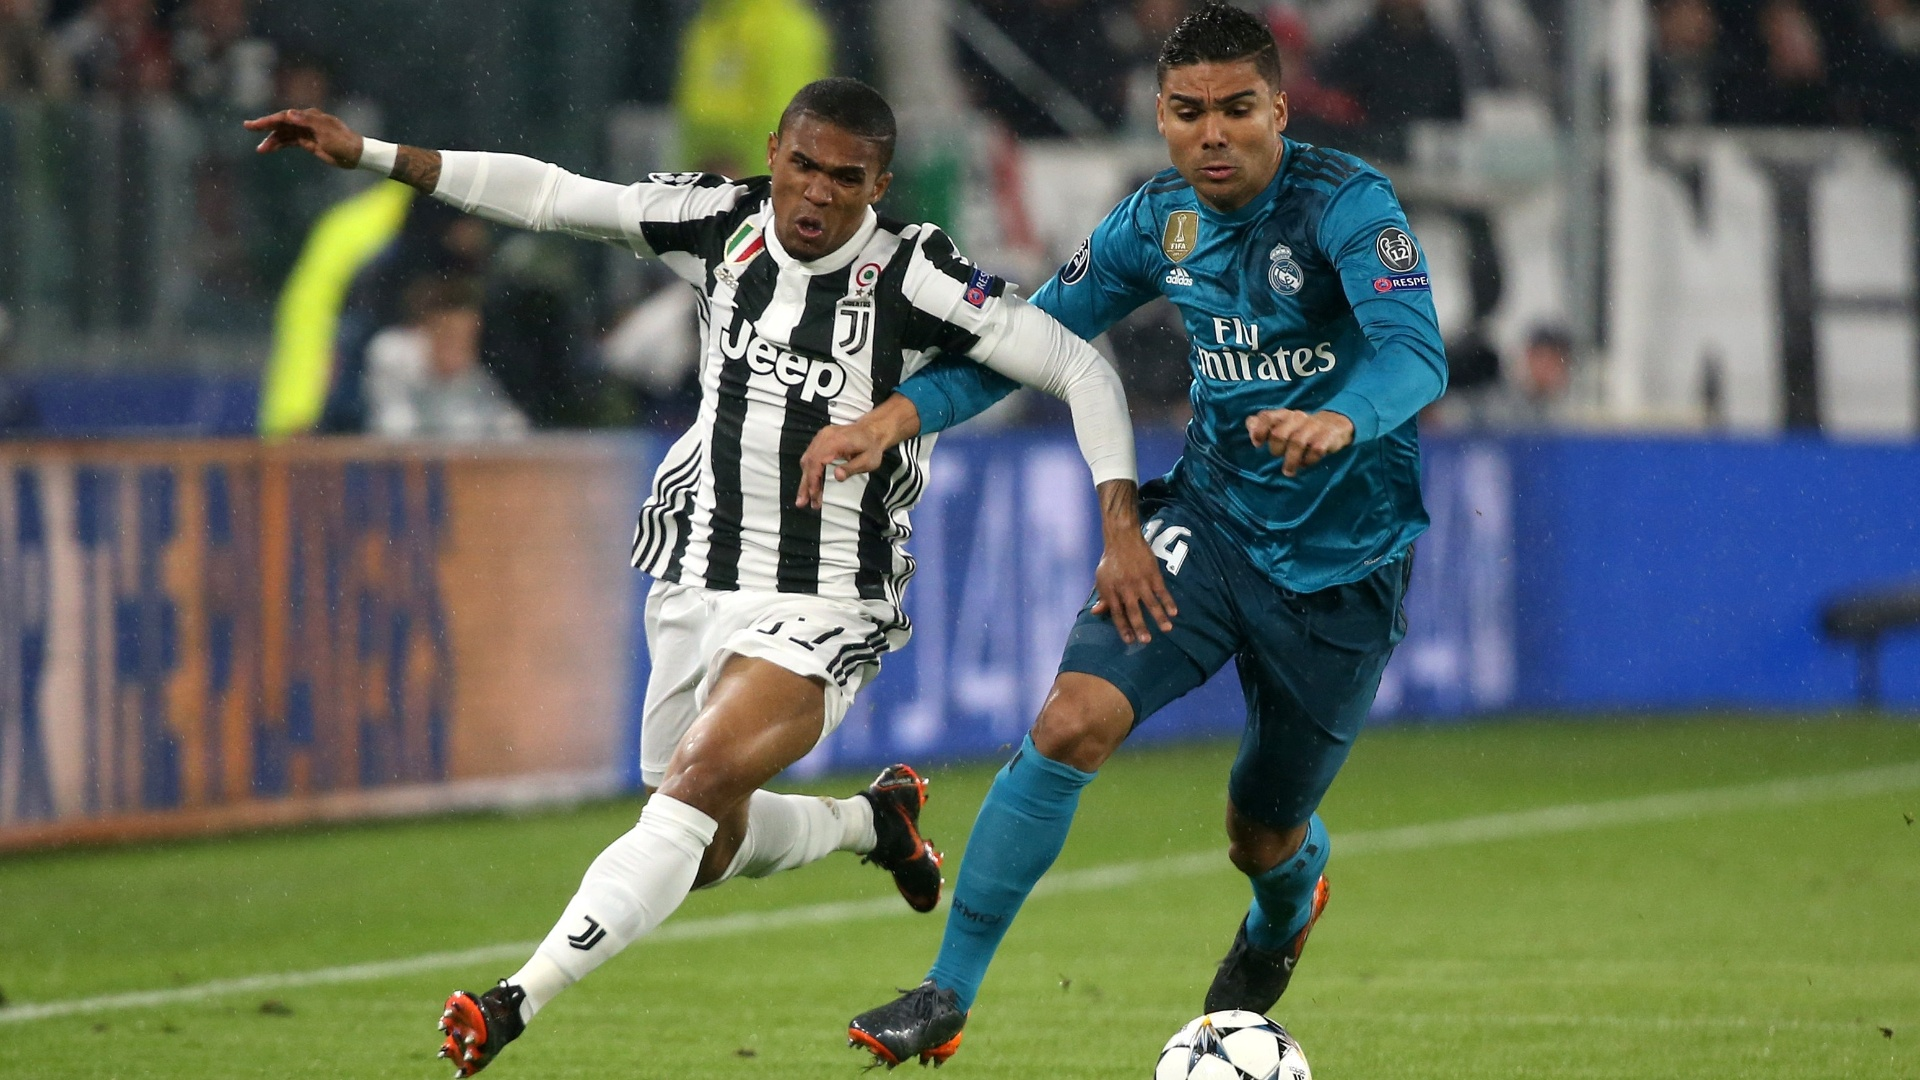 Douglas Costa e Casemiro disputam a bola no jogo entre Juventus e Real Madrid